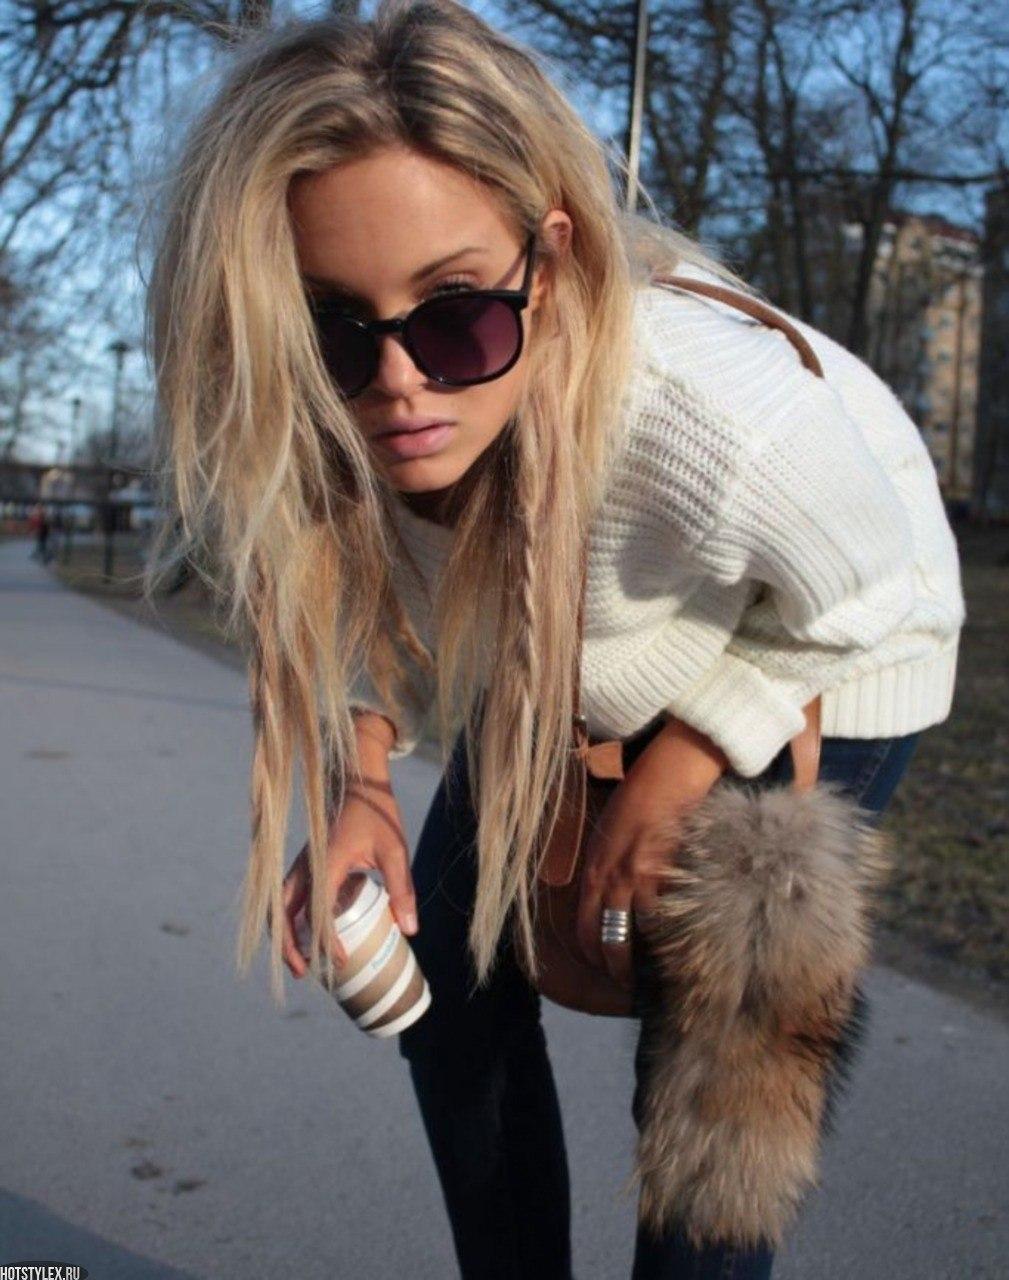 Фото девушек блондинок с социальных сетей 21 фотография